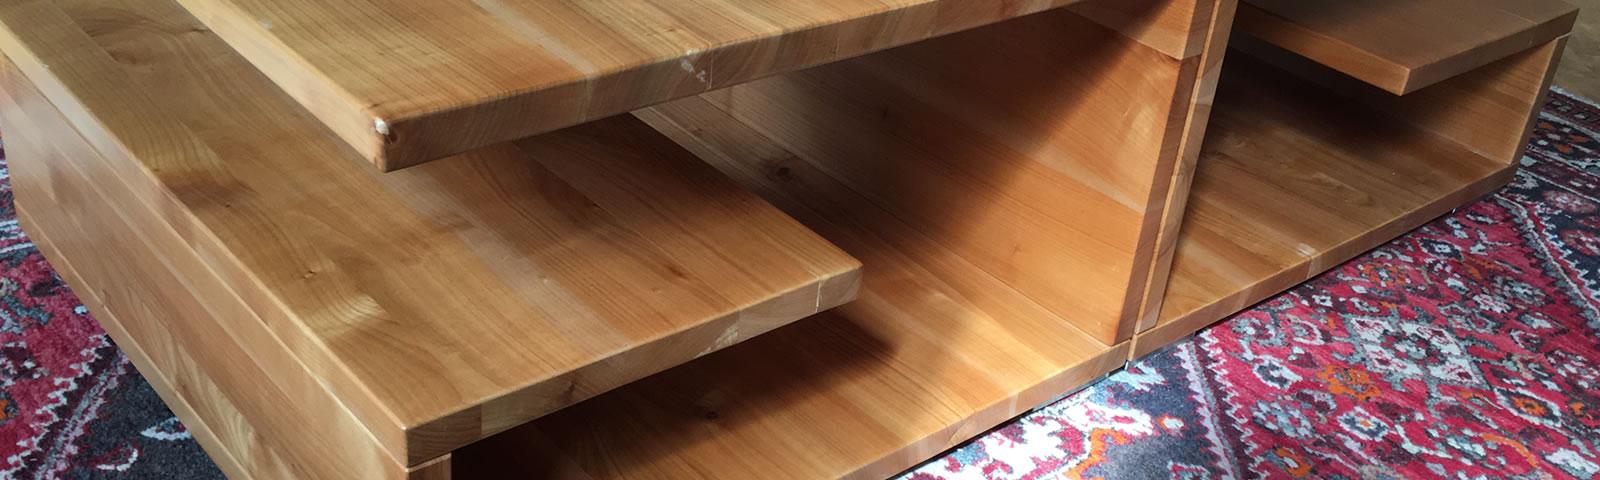 schreinerwerkstatt seeger berblick unserer schreinerarbeiten betten tische regale schr nke. Black Bedroom Furniture Sets. Home Design Ideas